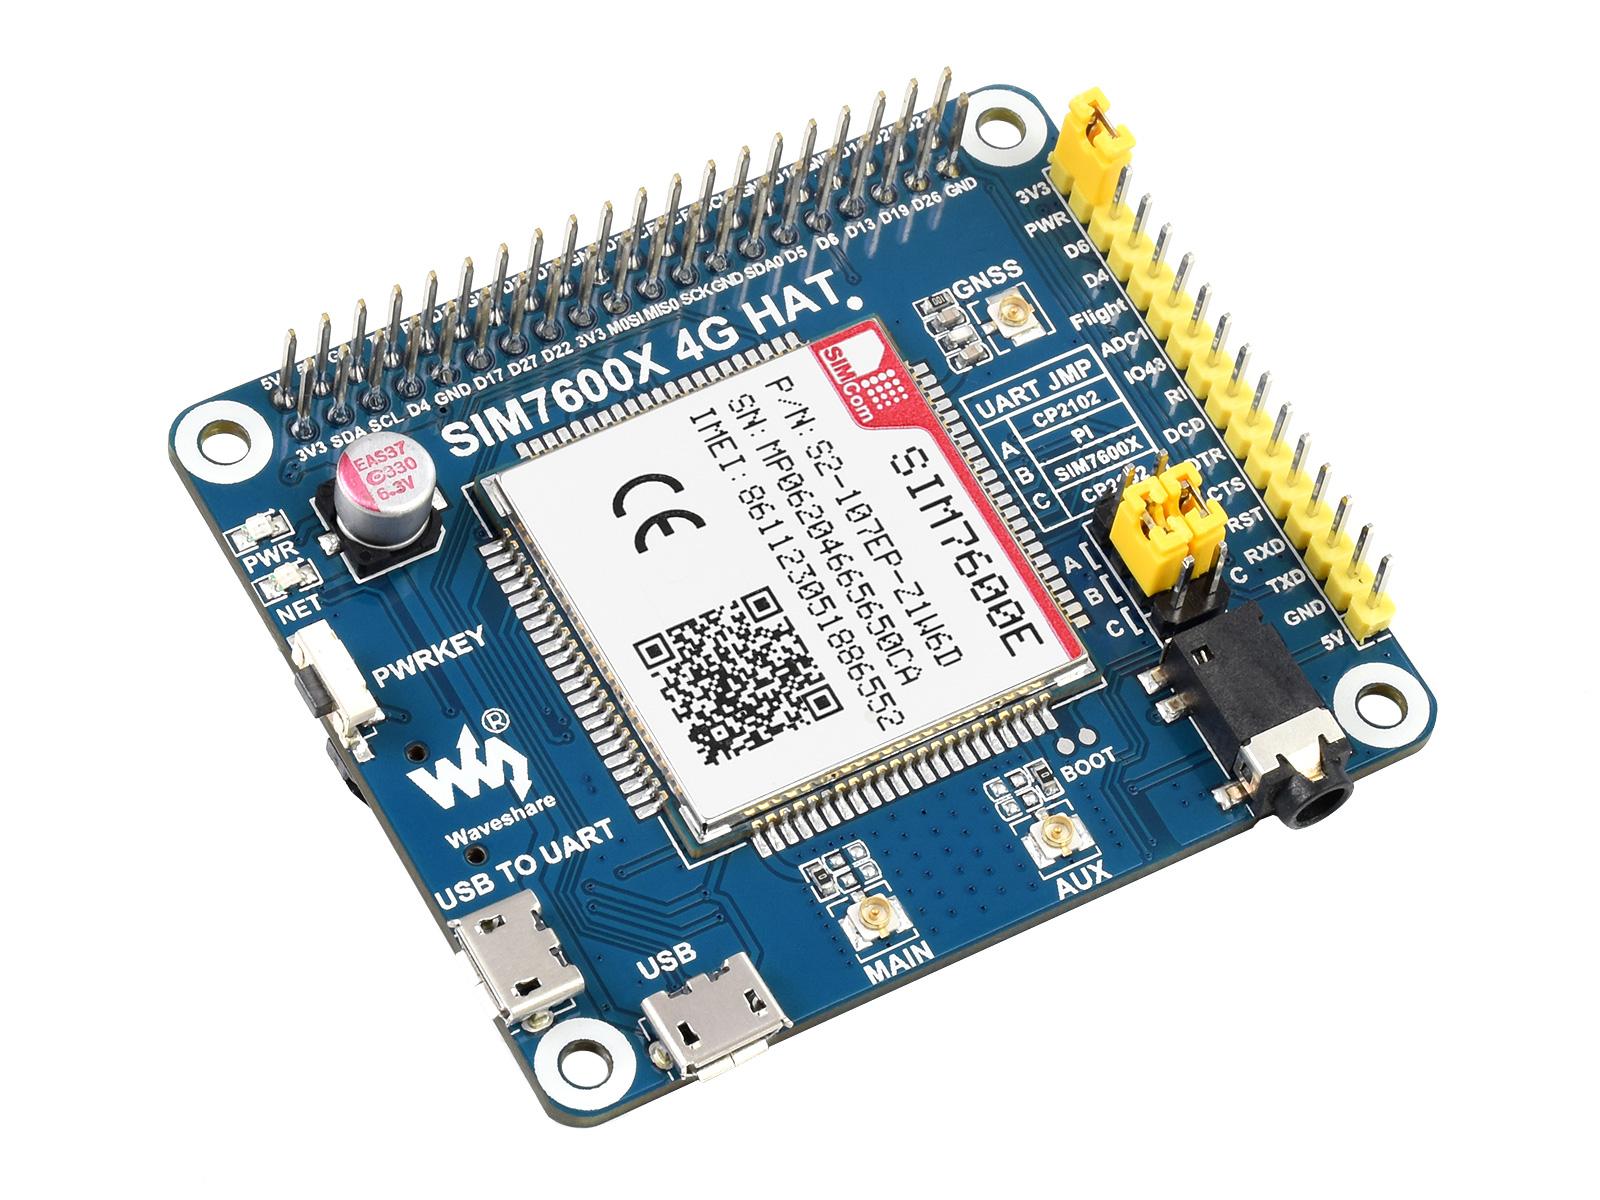 树莓派LTE Cat-1扩展板 SIM7600E模组 兼容3G/2G 带GNSS定位